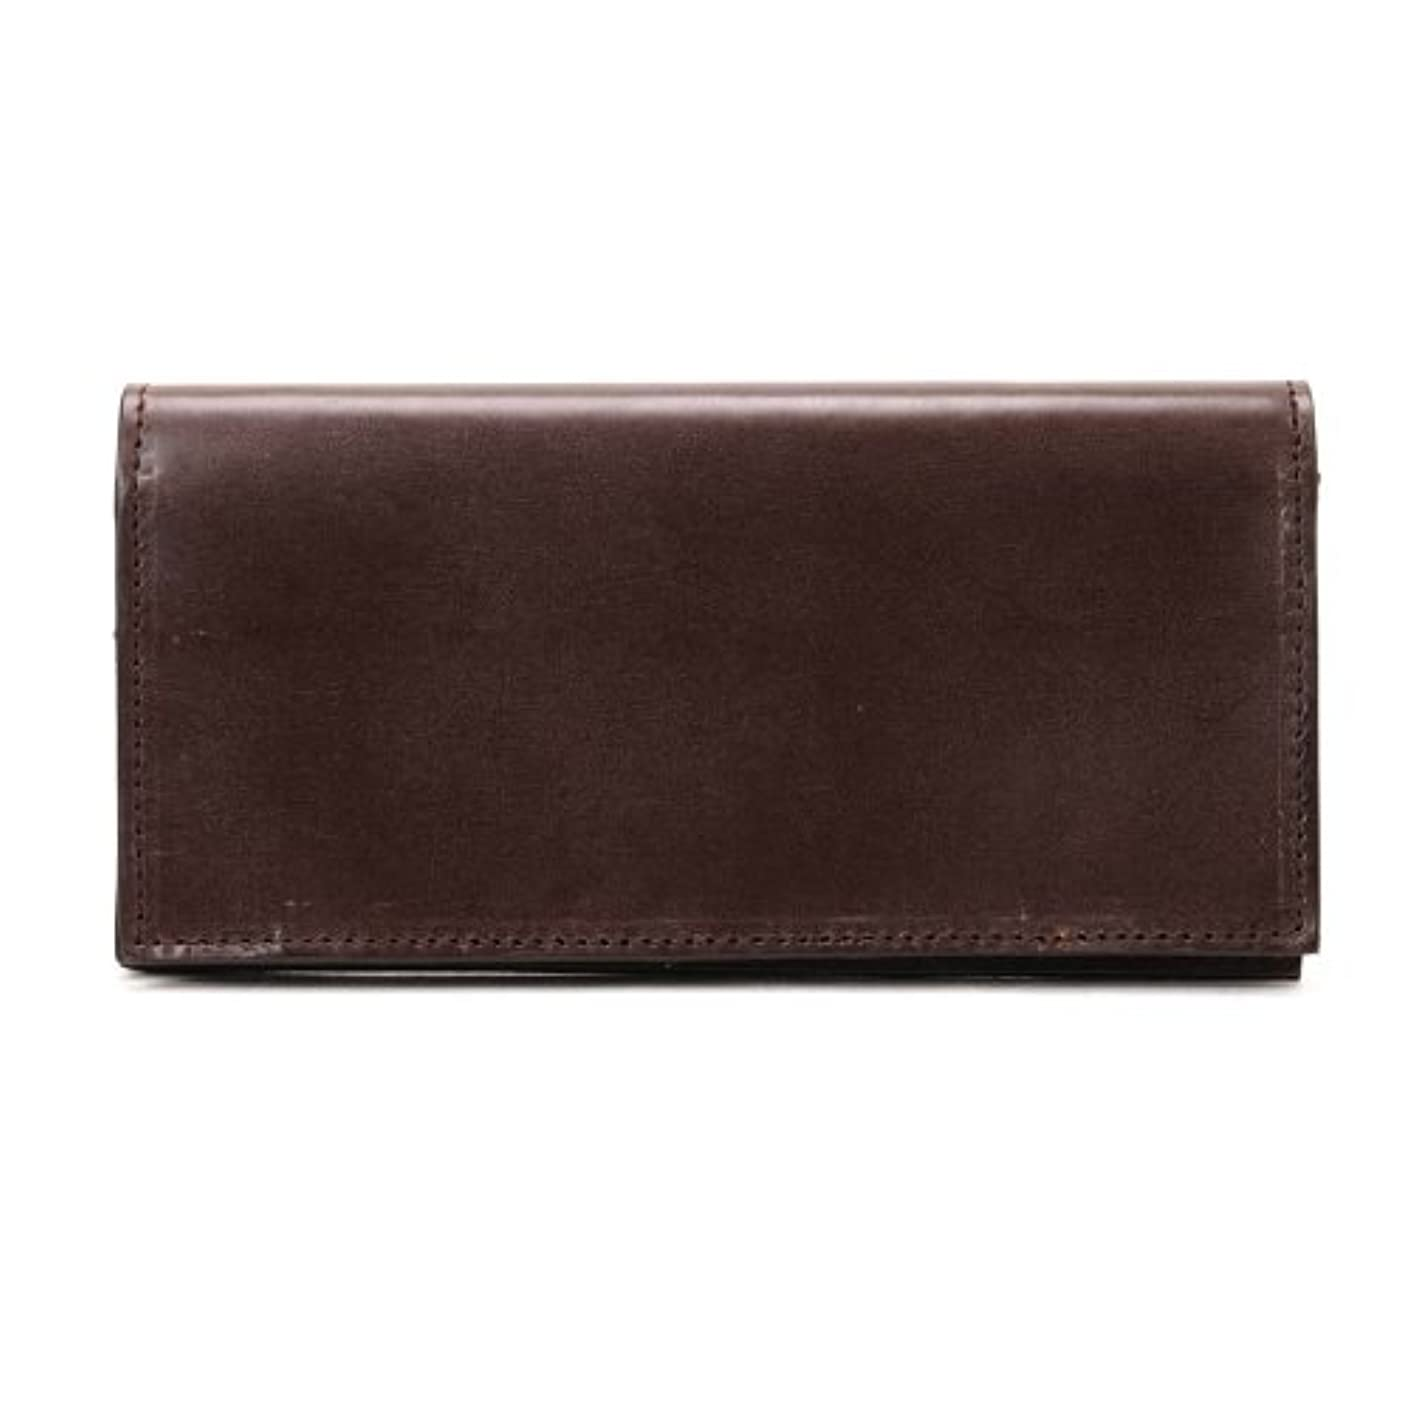 実用的酸素検索(グレンロイヤル) GLENROYAL Purse with zip pocket/03-5605 長財布 HAVANA [並行輸入品]